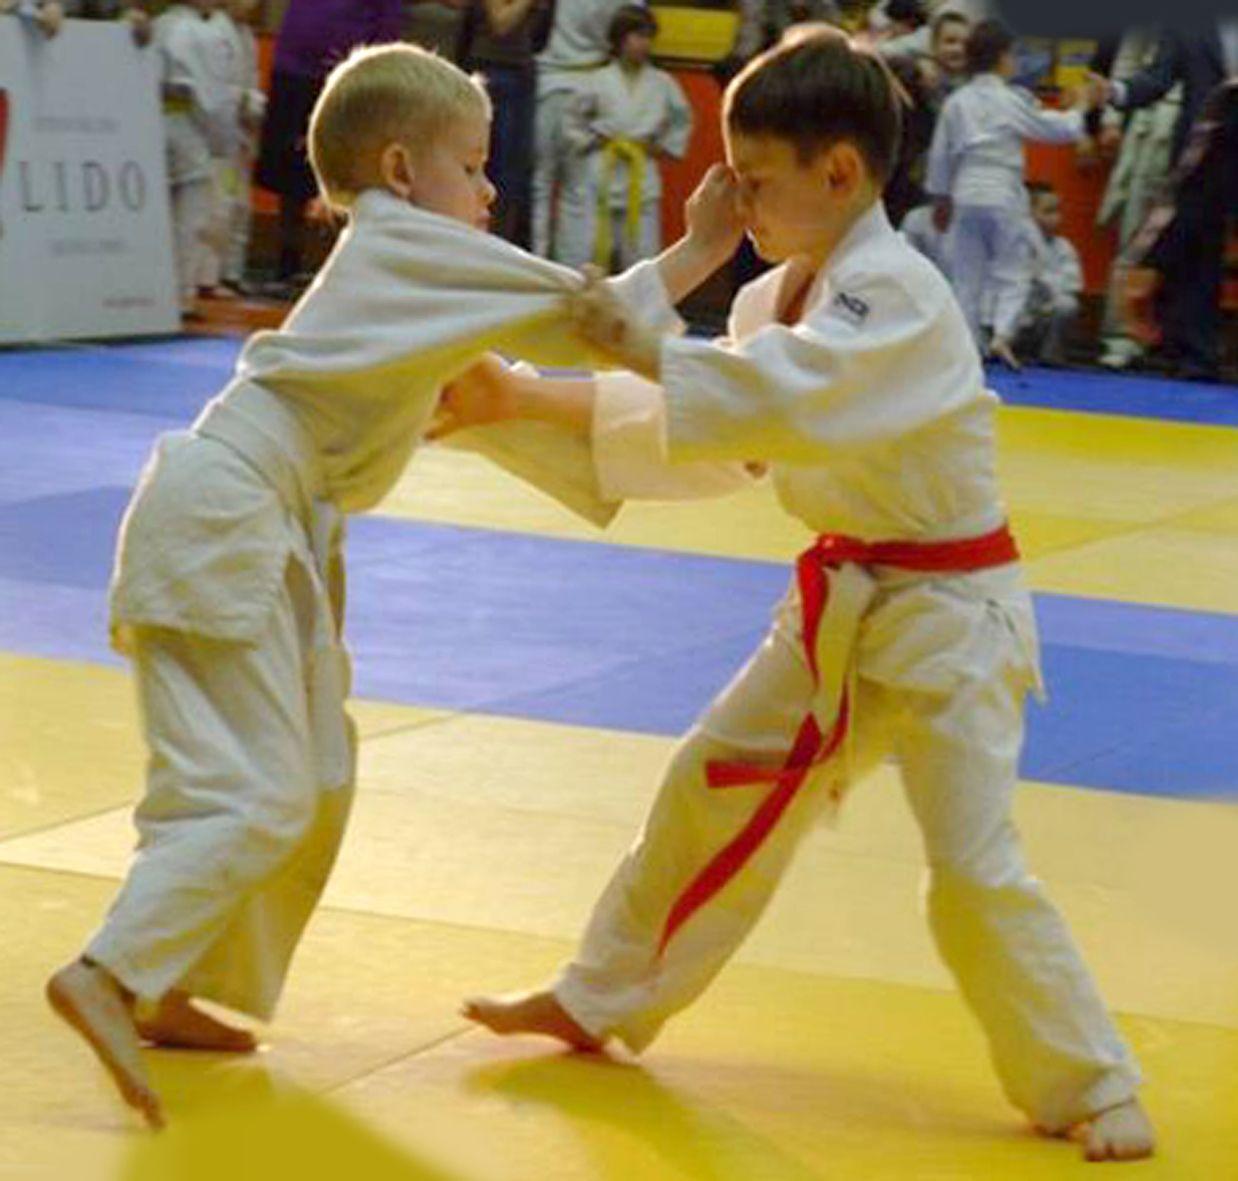 Какая требуется страховка для занятия ребенка в спортивной секции снова выпал